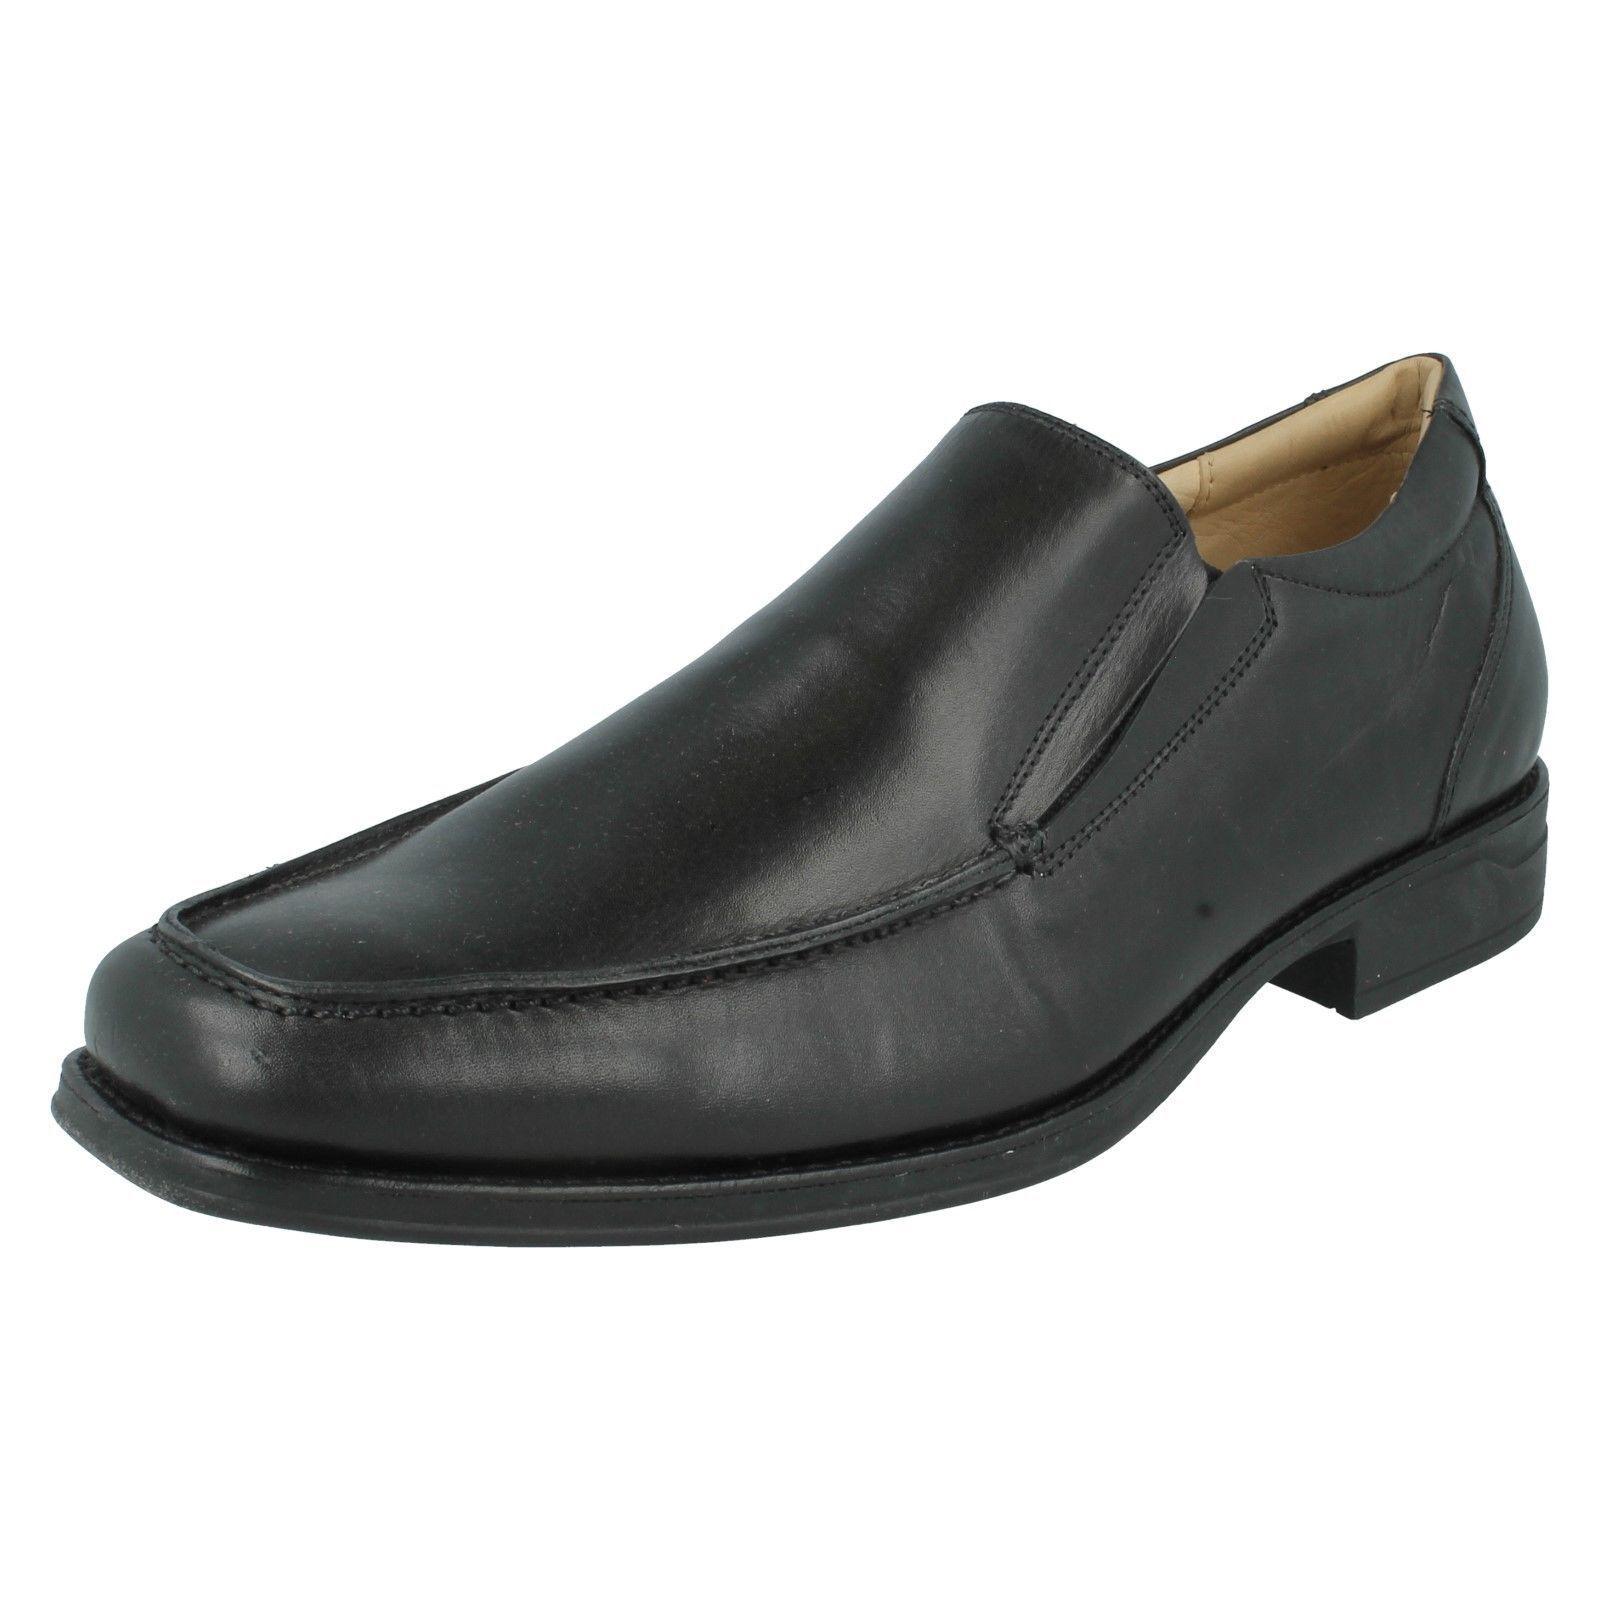 salemens Anatomic & Co verschiedene Größen schwarzes Leder formelle Slipper -